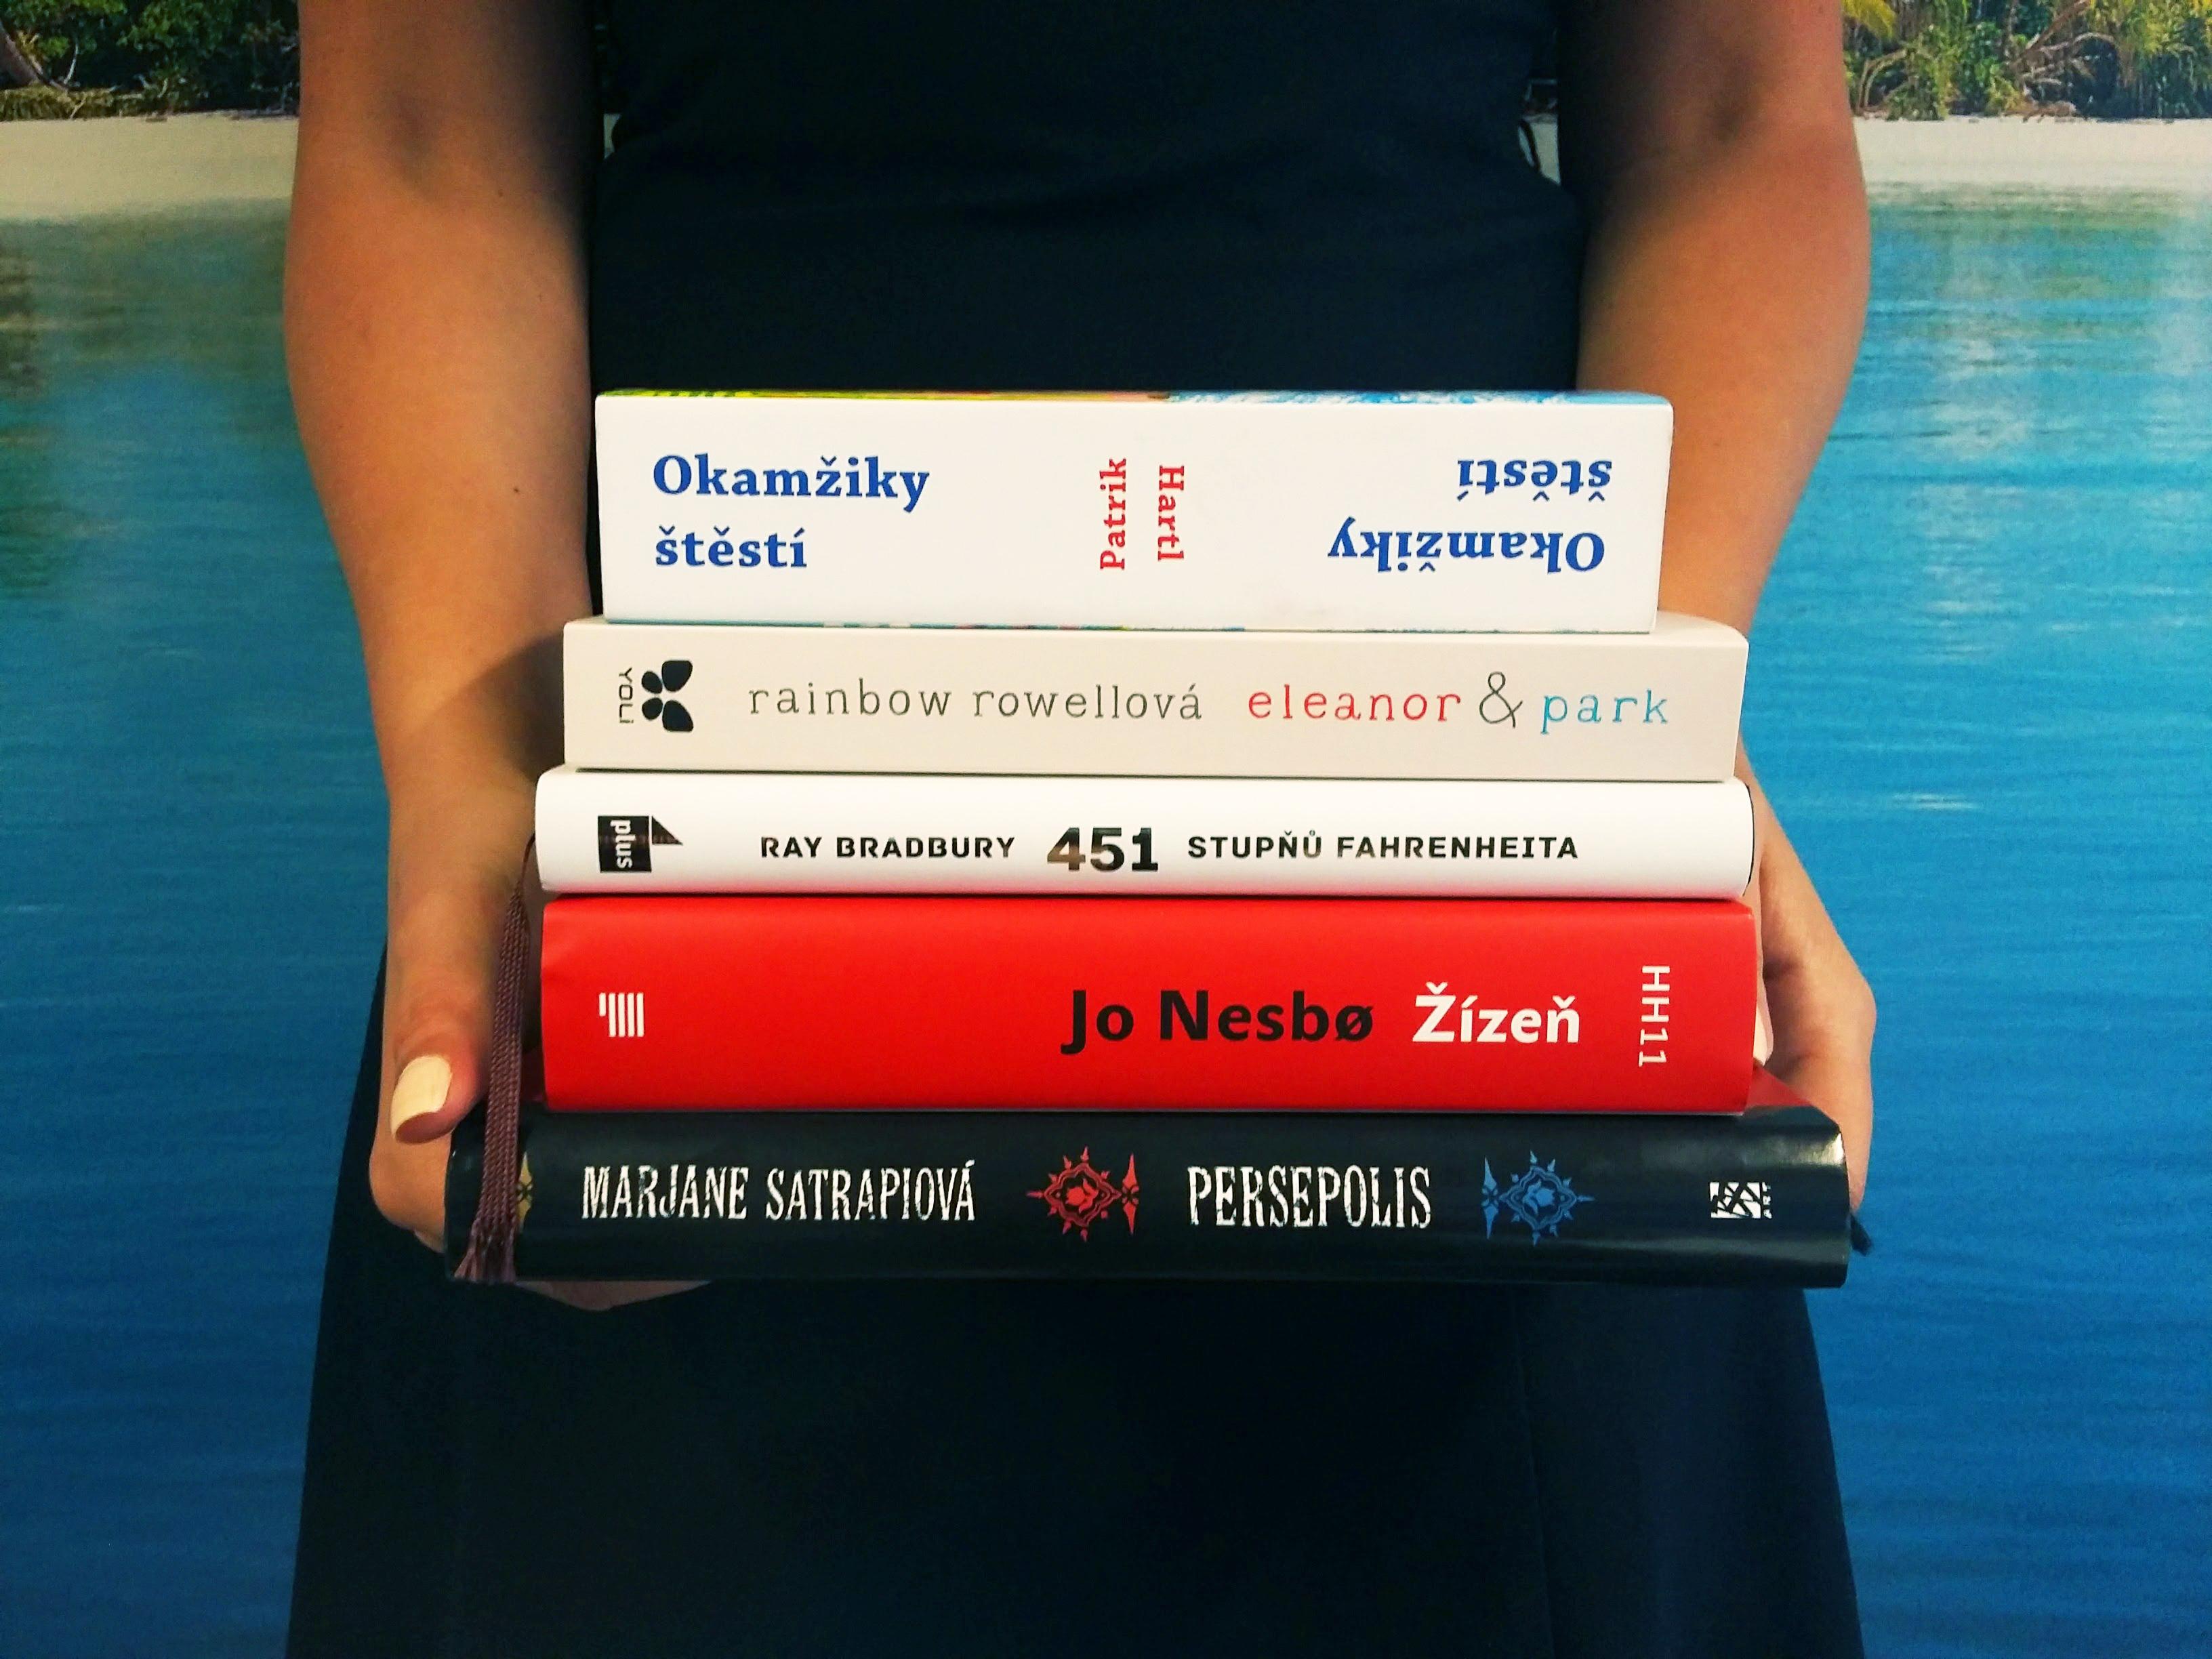 5 knih, které si vzít na dovolenou